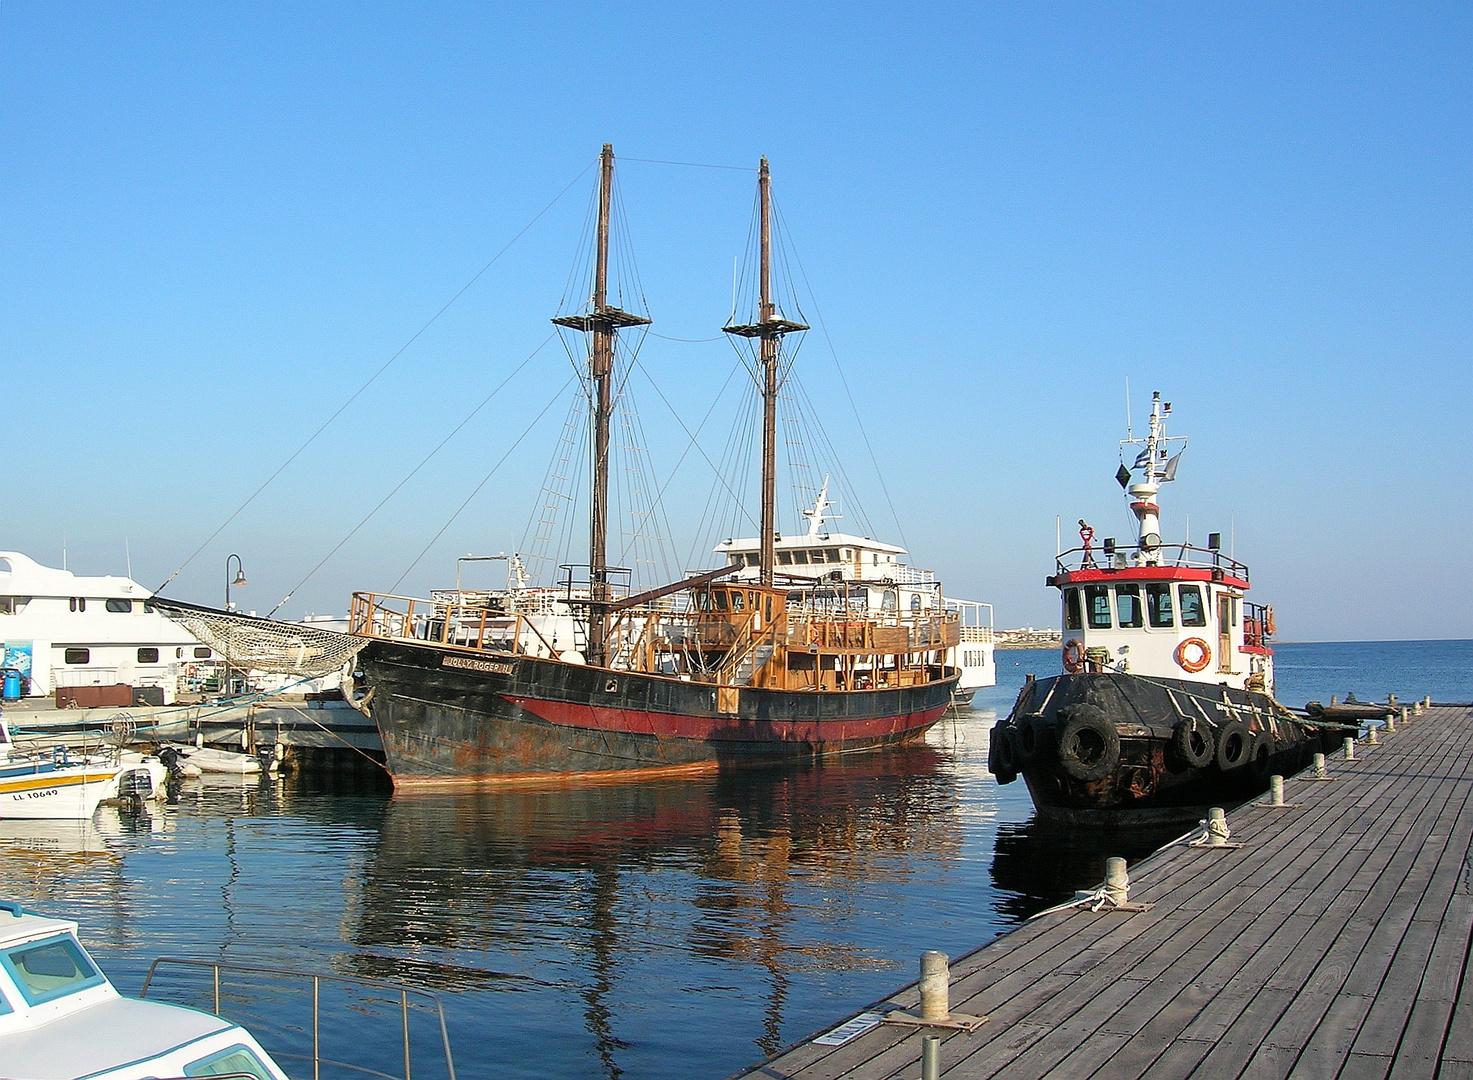 Zypern - Schiffe im Hafen von Paphos